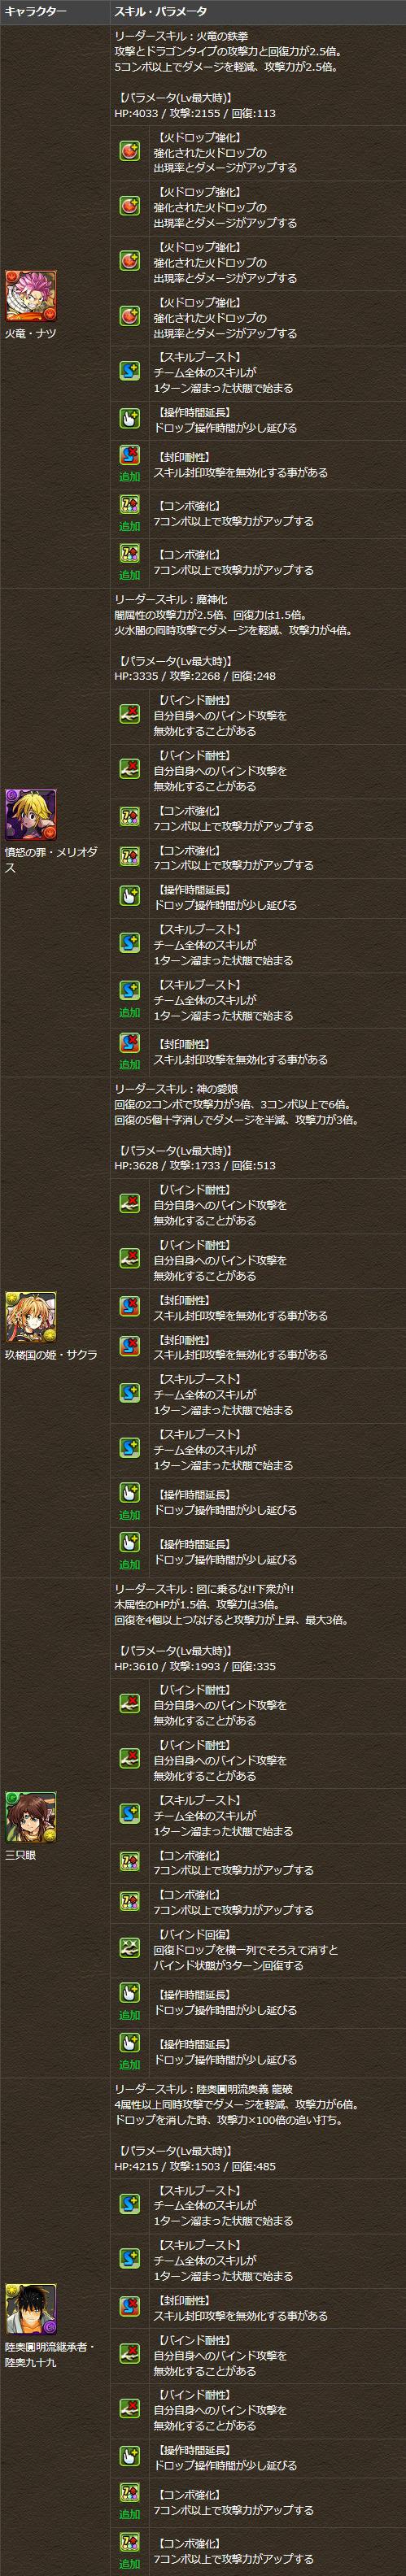 2_20170324132412625.jpg